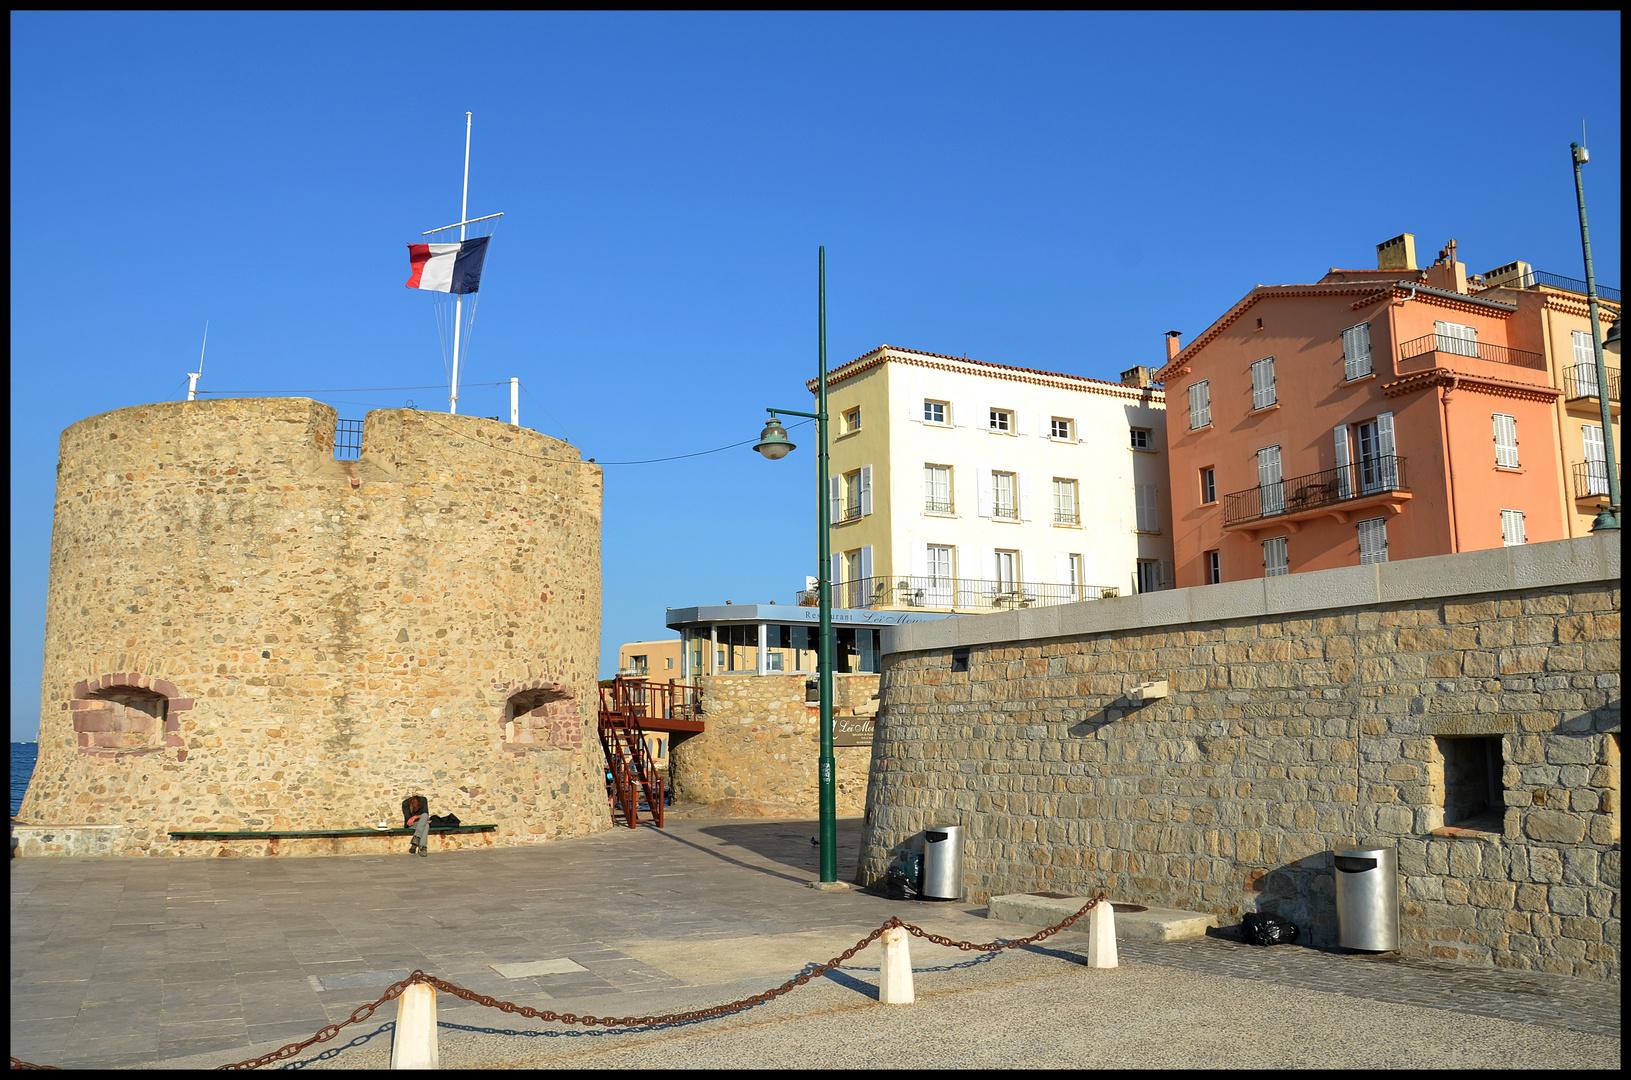 Saint-Tropez-7